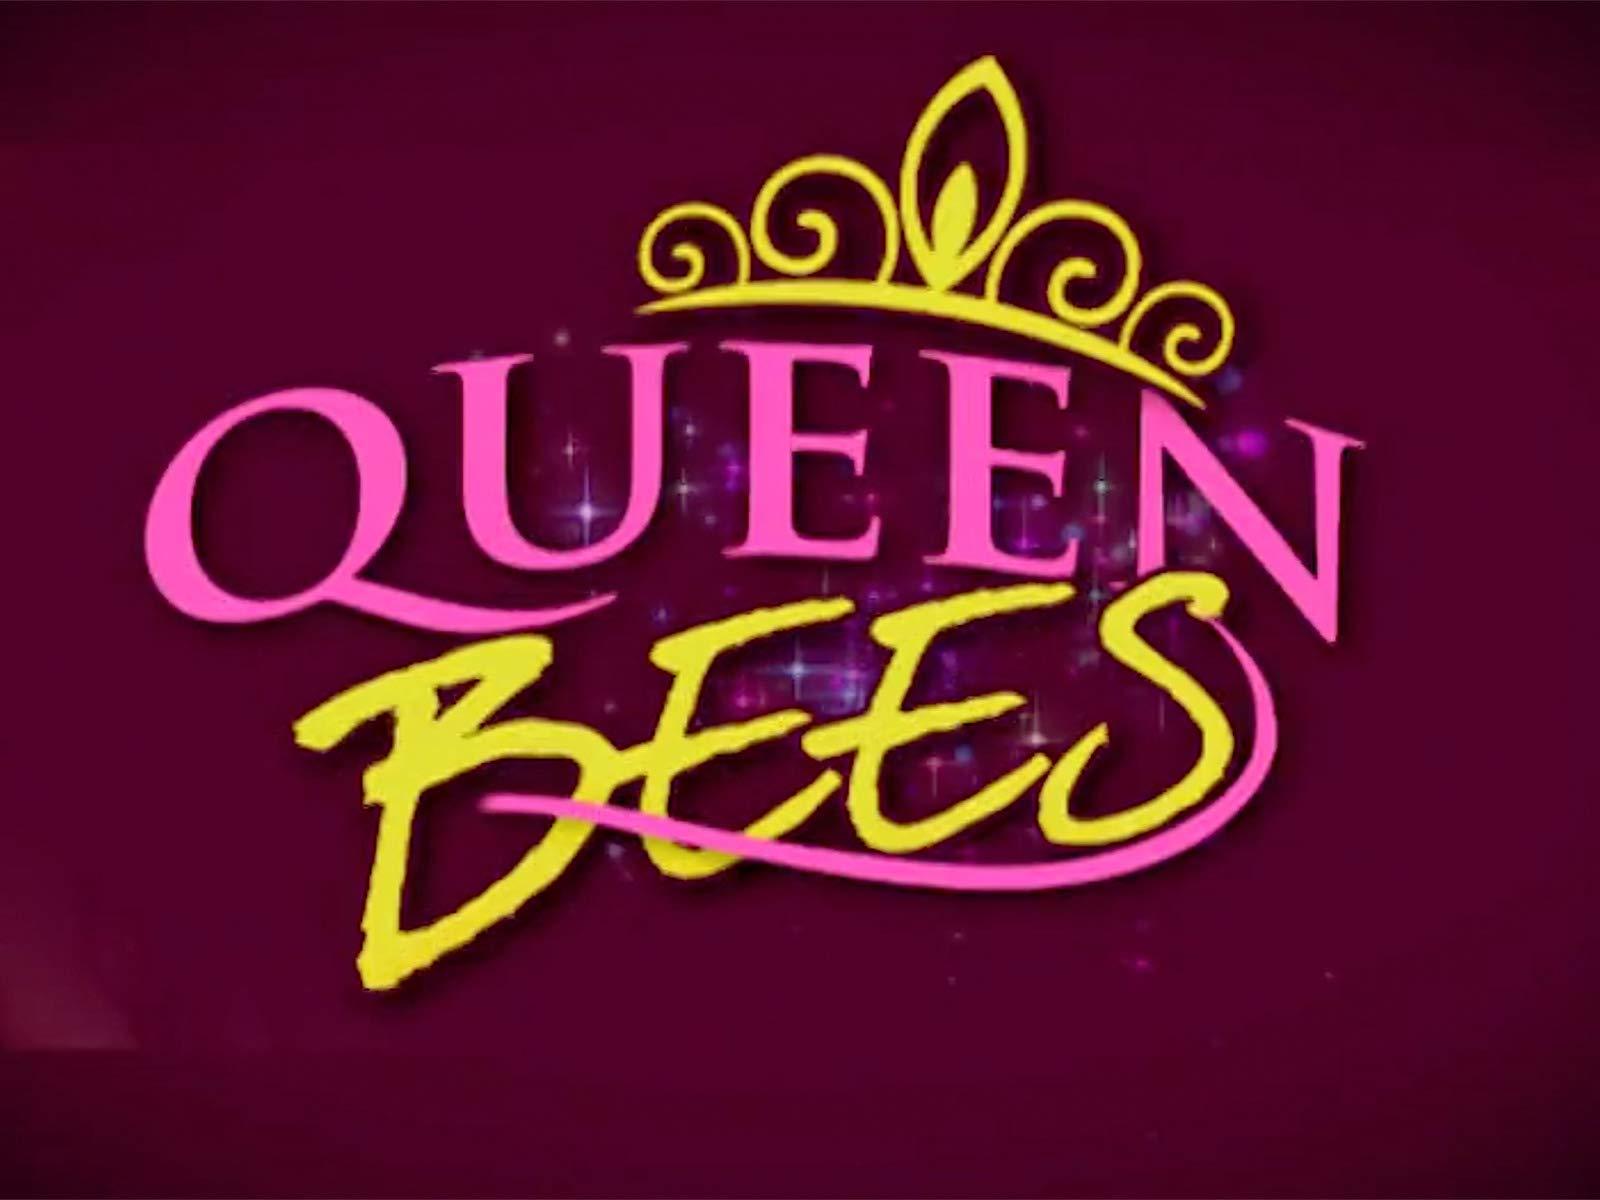 Queen Bees - Season 1